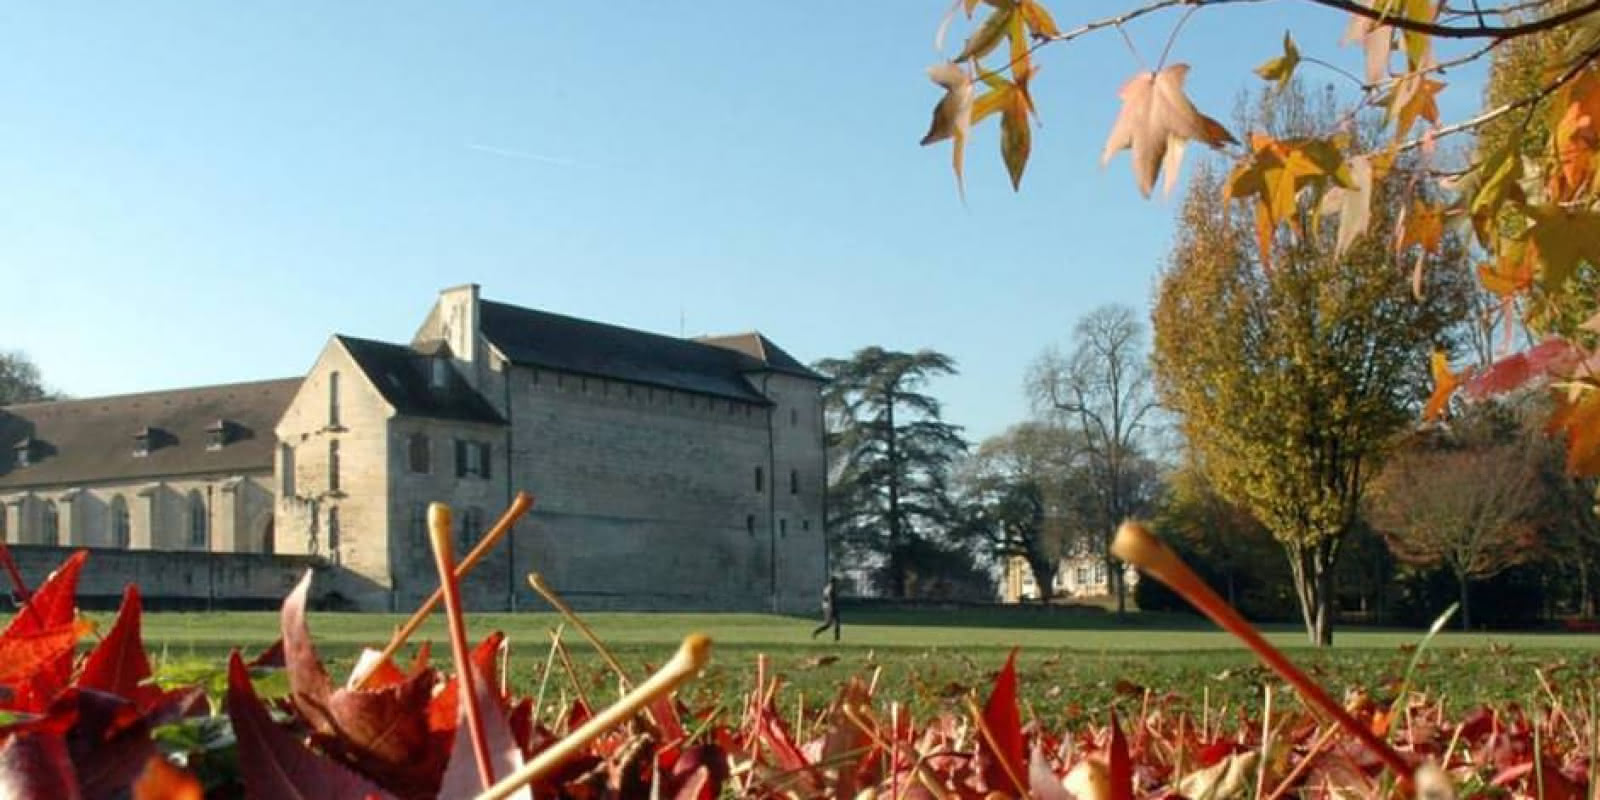 Photo prise depuis le parc de l'Abbaye de Maubuisson en automne.